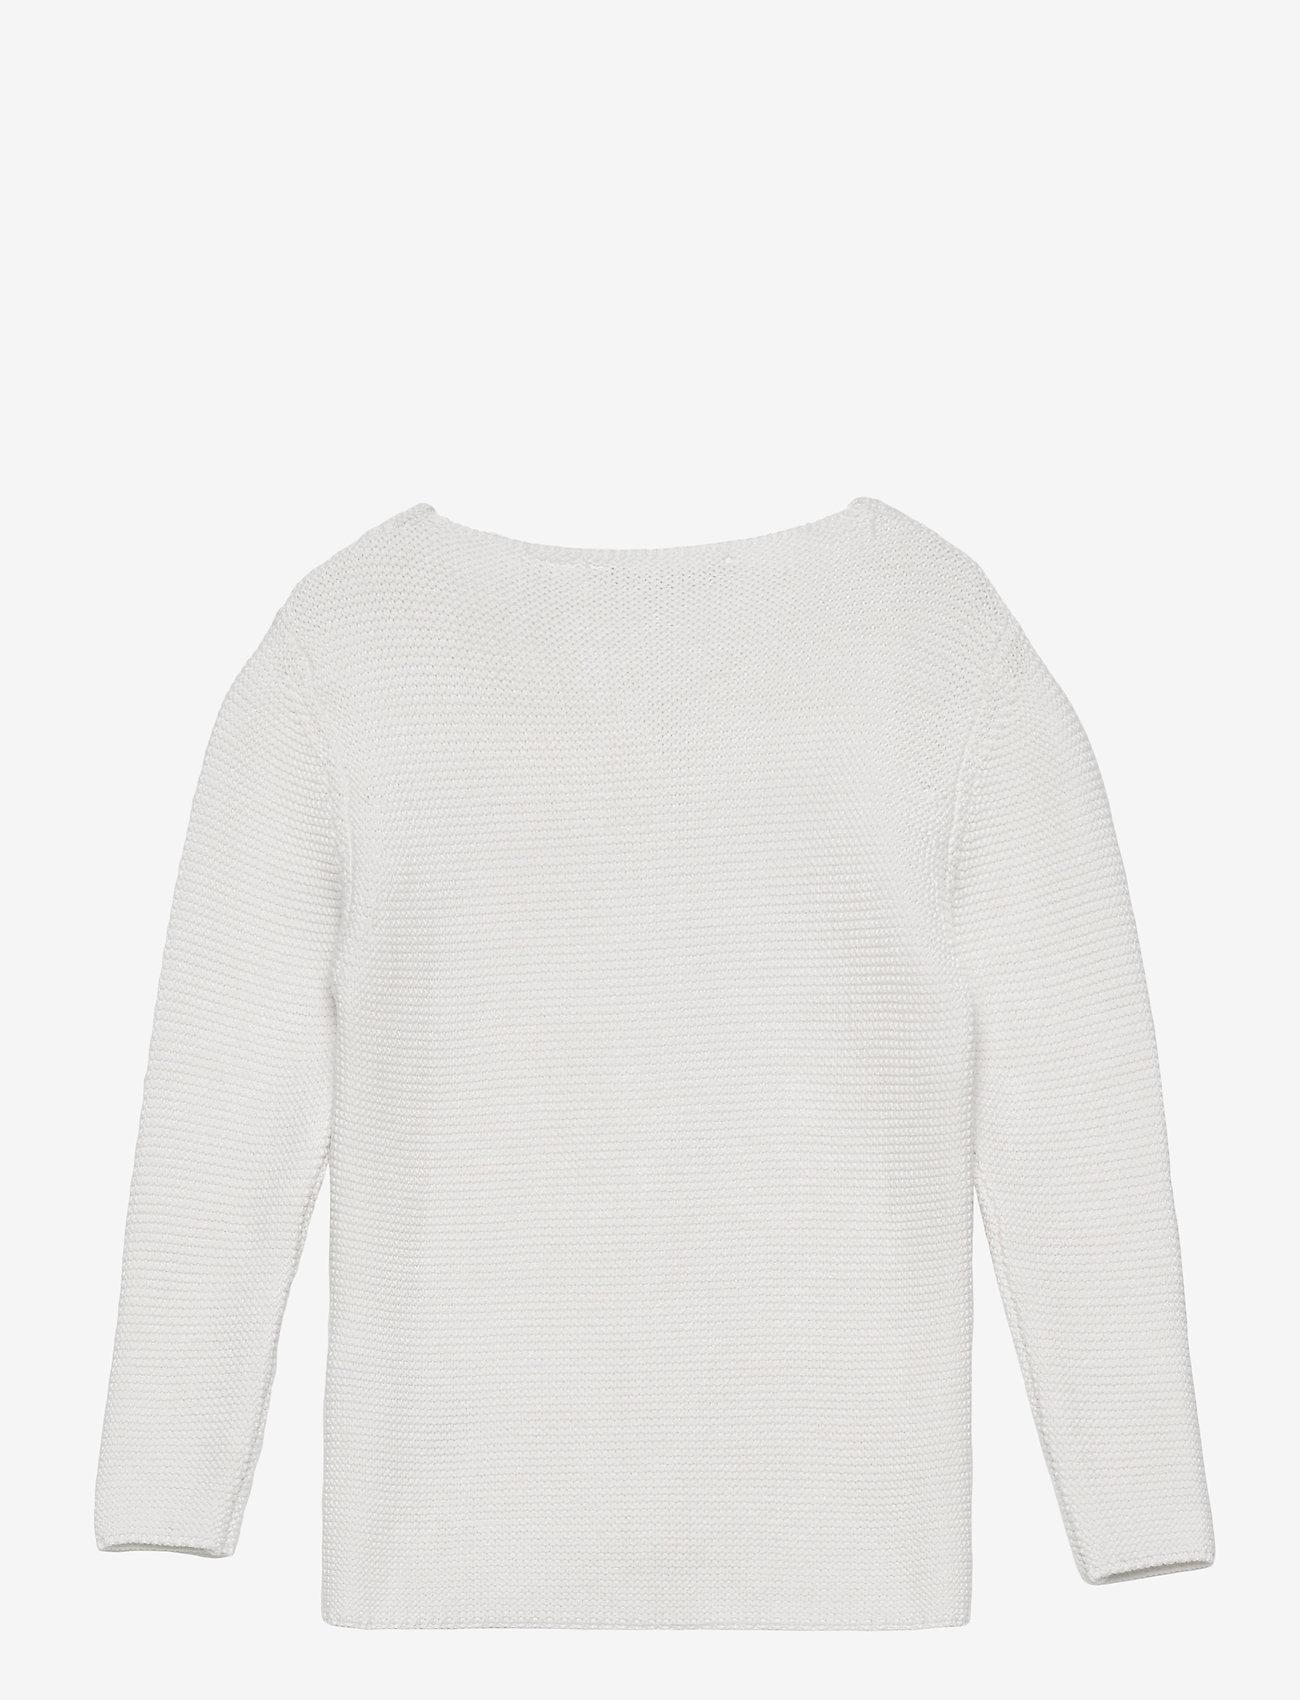 Mexx - Cardigan - gilets - marshmallow (off white) - 1